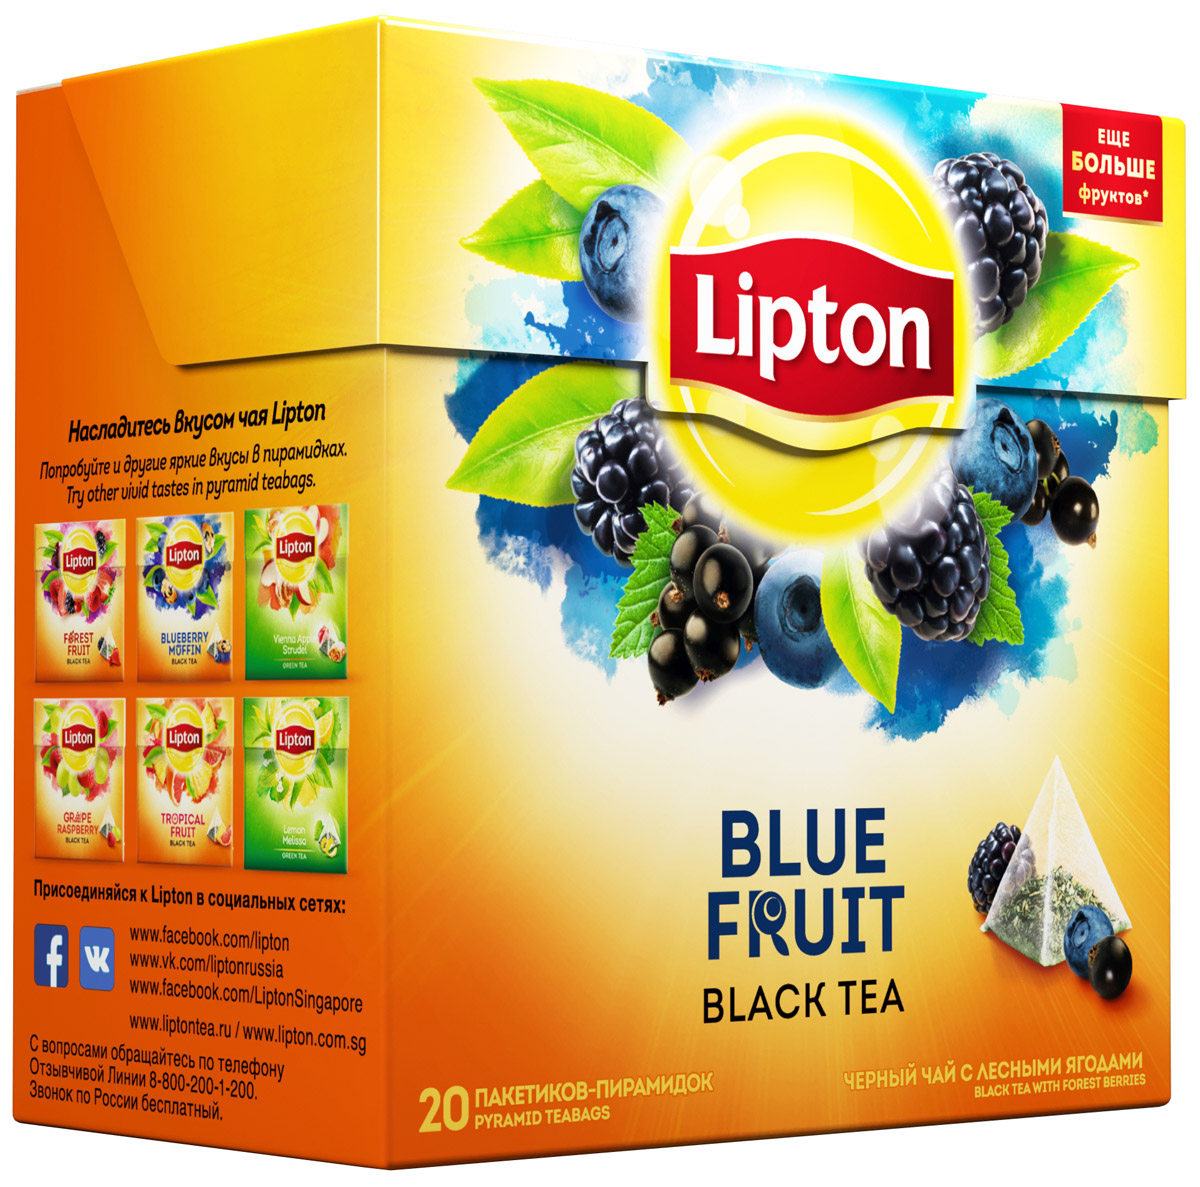 Lipton Черный чай Blue Fruit 20 шт67009785/21187904/20206121Тайна восхитительного вкуса заключена в гармоничном сочетании кусочков ягод – ежевики, черной смородины и черники – с листочками отборного чая, которые полностью проявляют все свое великолепие благодаря свободному пространству внутри пирамидки. Аромат лесных ягод в Lipton Blue Fruit раскрывает загадки вкуса и дарит только светлые эмоции!